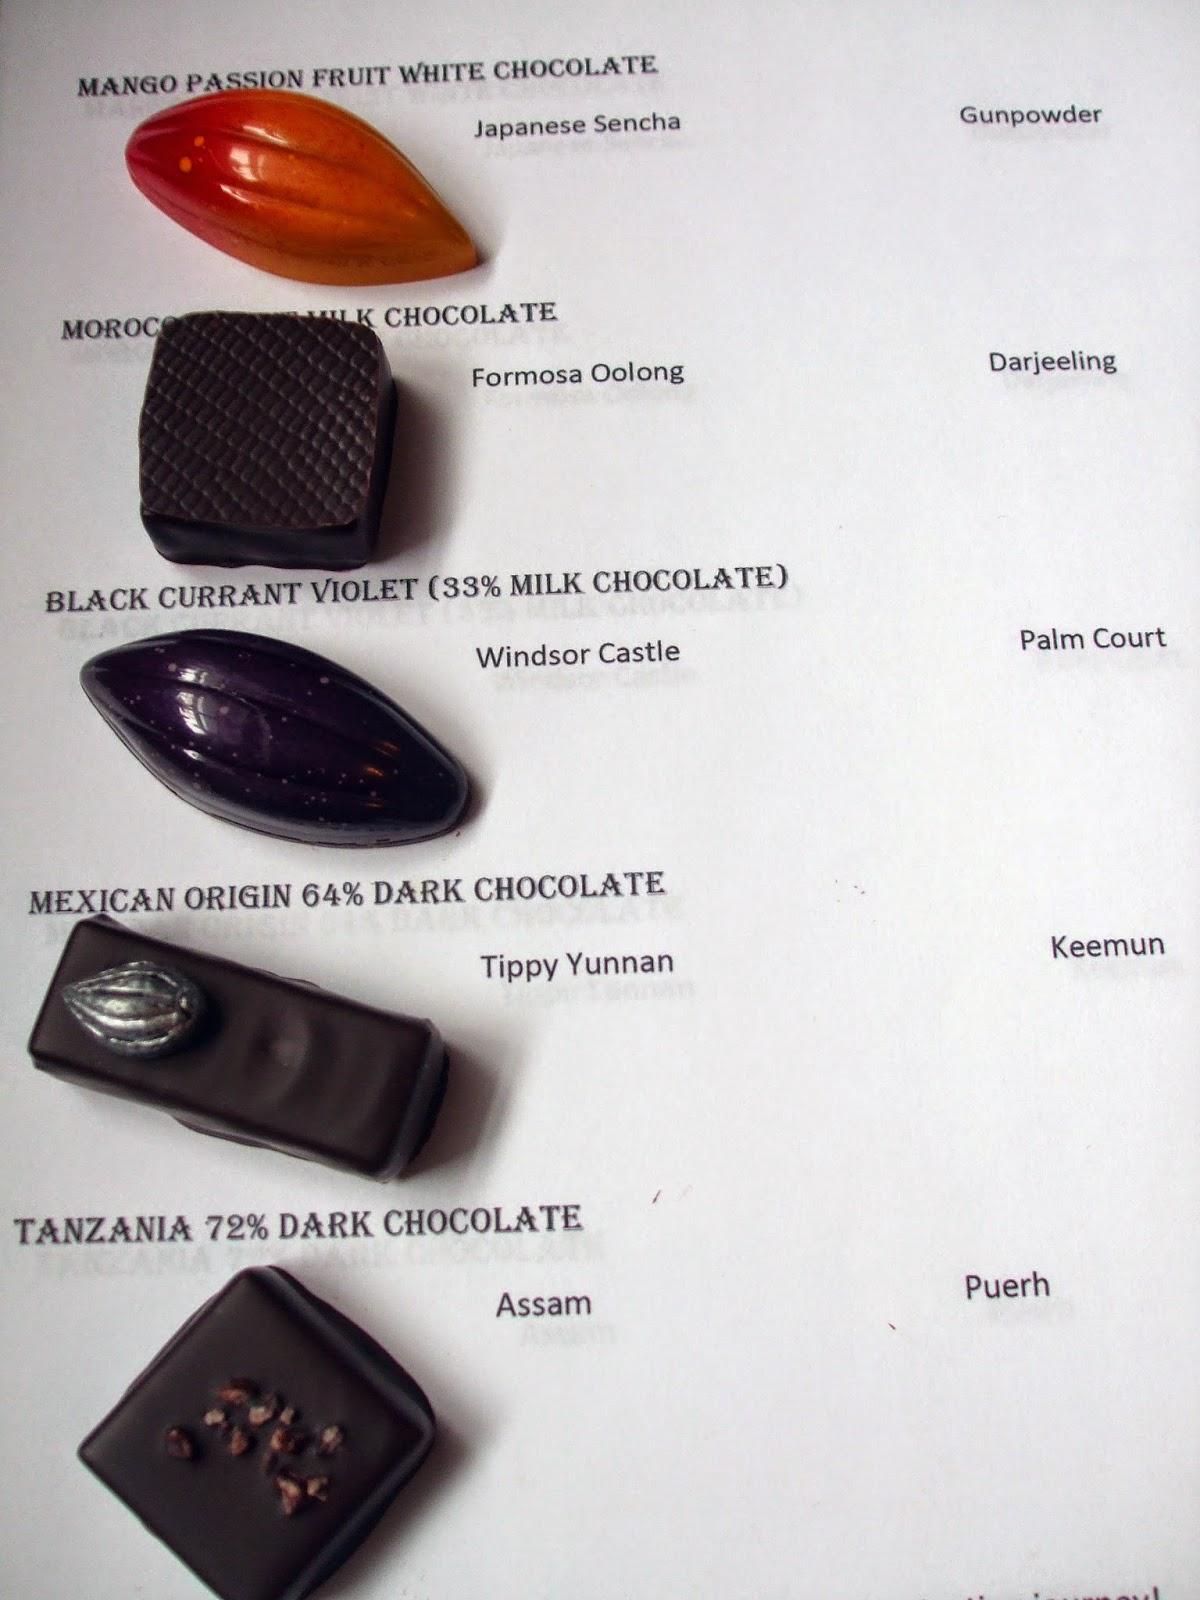 Rosemary S Sampler Chocolate And Tea Pairing